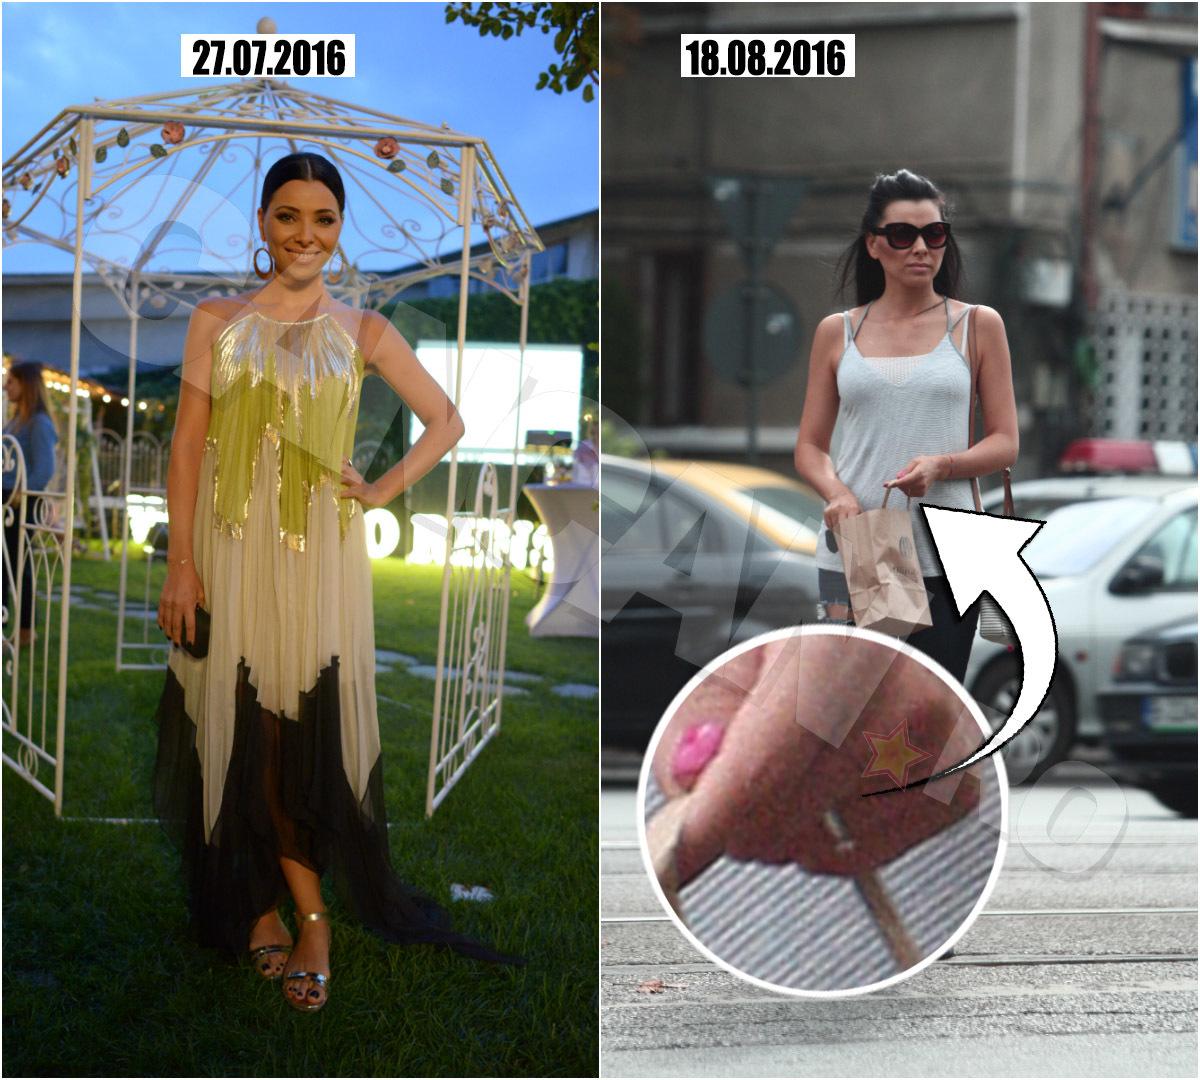 Deşi poartă inelul, Corina Caragea nu a făcut nici un anunţ oficial momentan, preferând să rămână discretă în legătură cu marele eveniment.